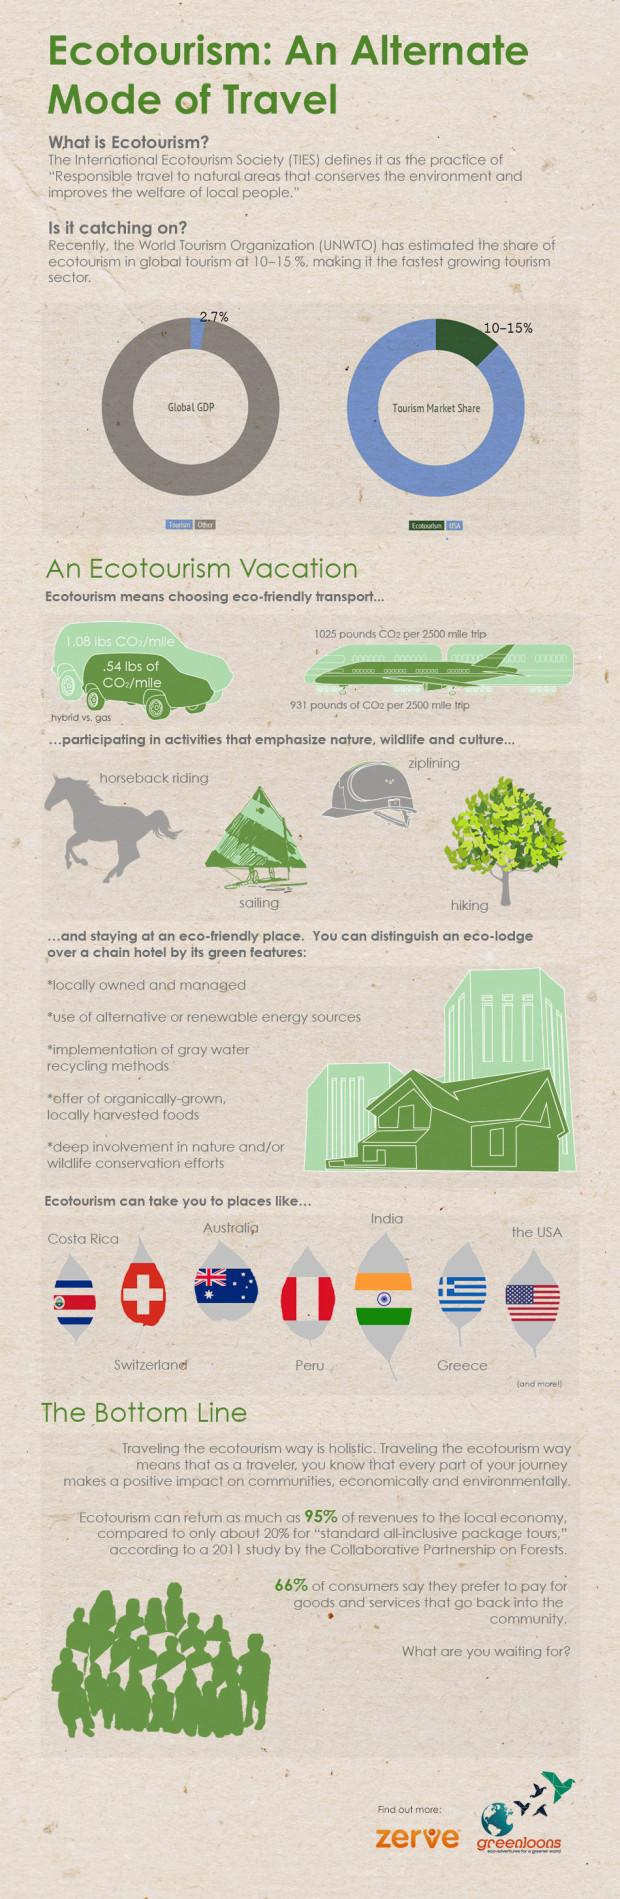 Ecoturismo: un modo alternativo de viajar